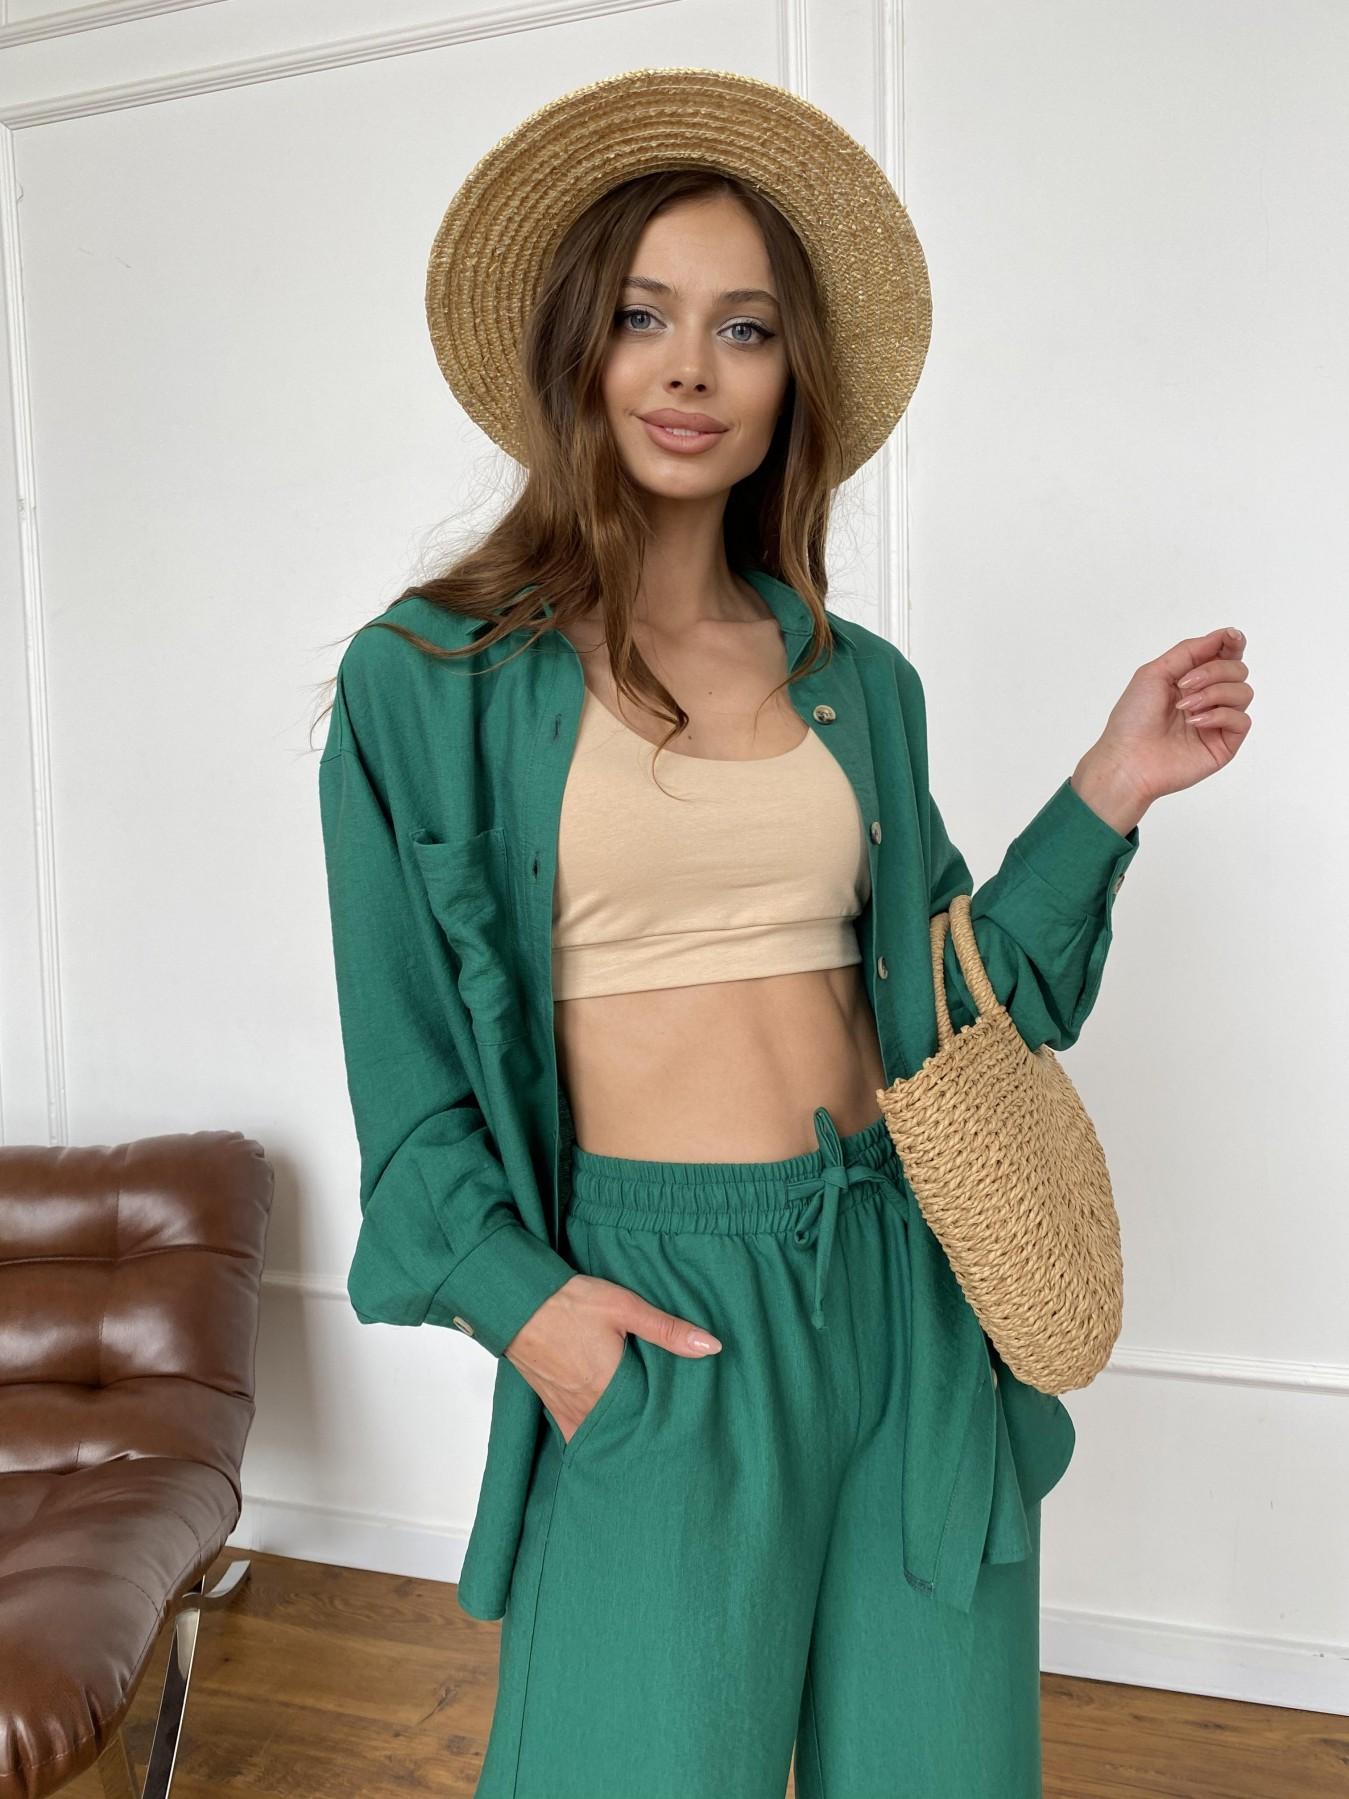 Дуэтто костюм из льна жатка не стрейч 11413 АРТ. 47961 Цвет: Зеленый - фото 5, интернет магазин tm-modus.ru